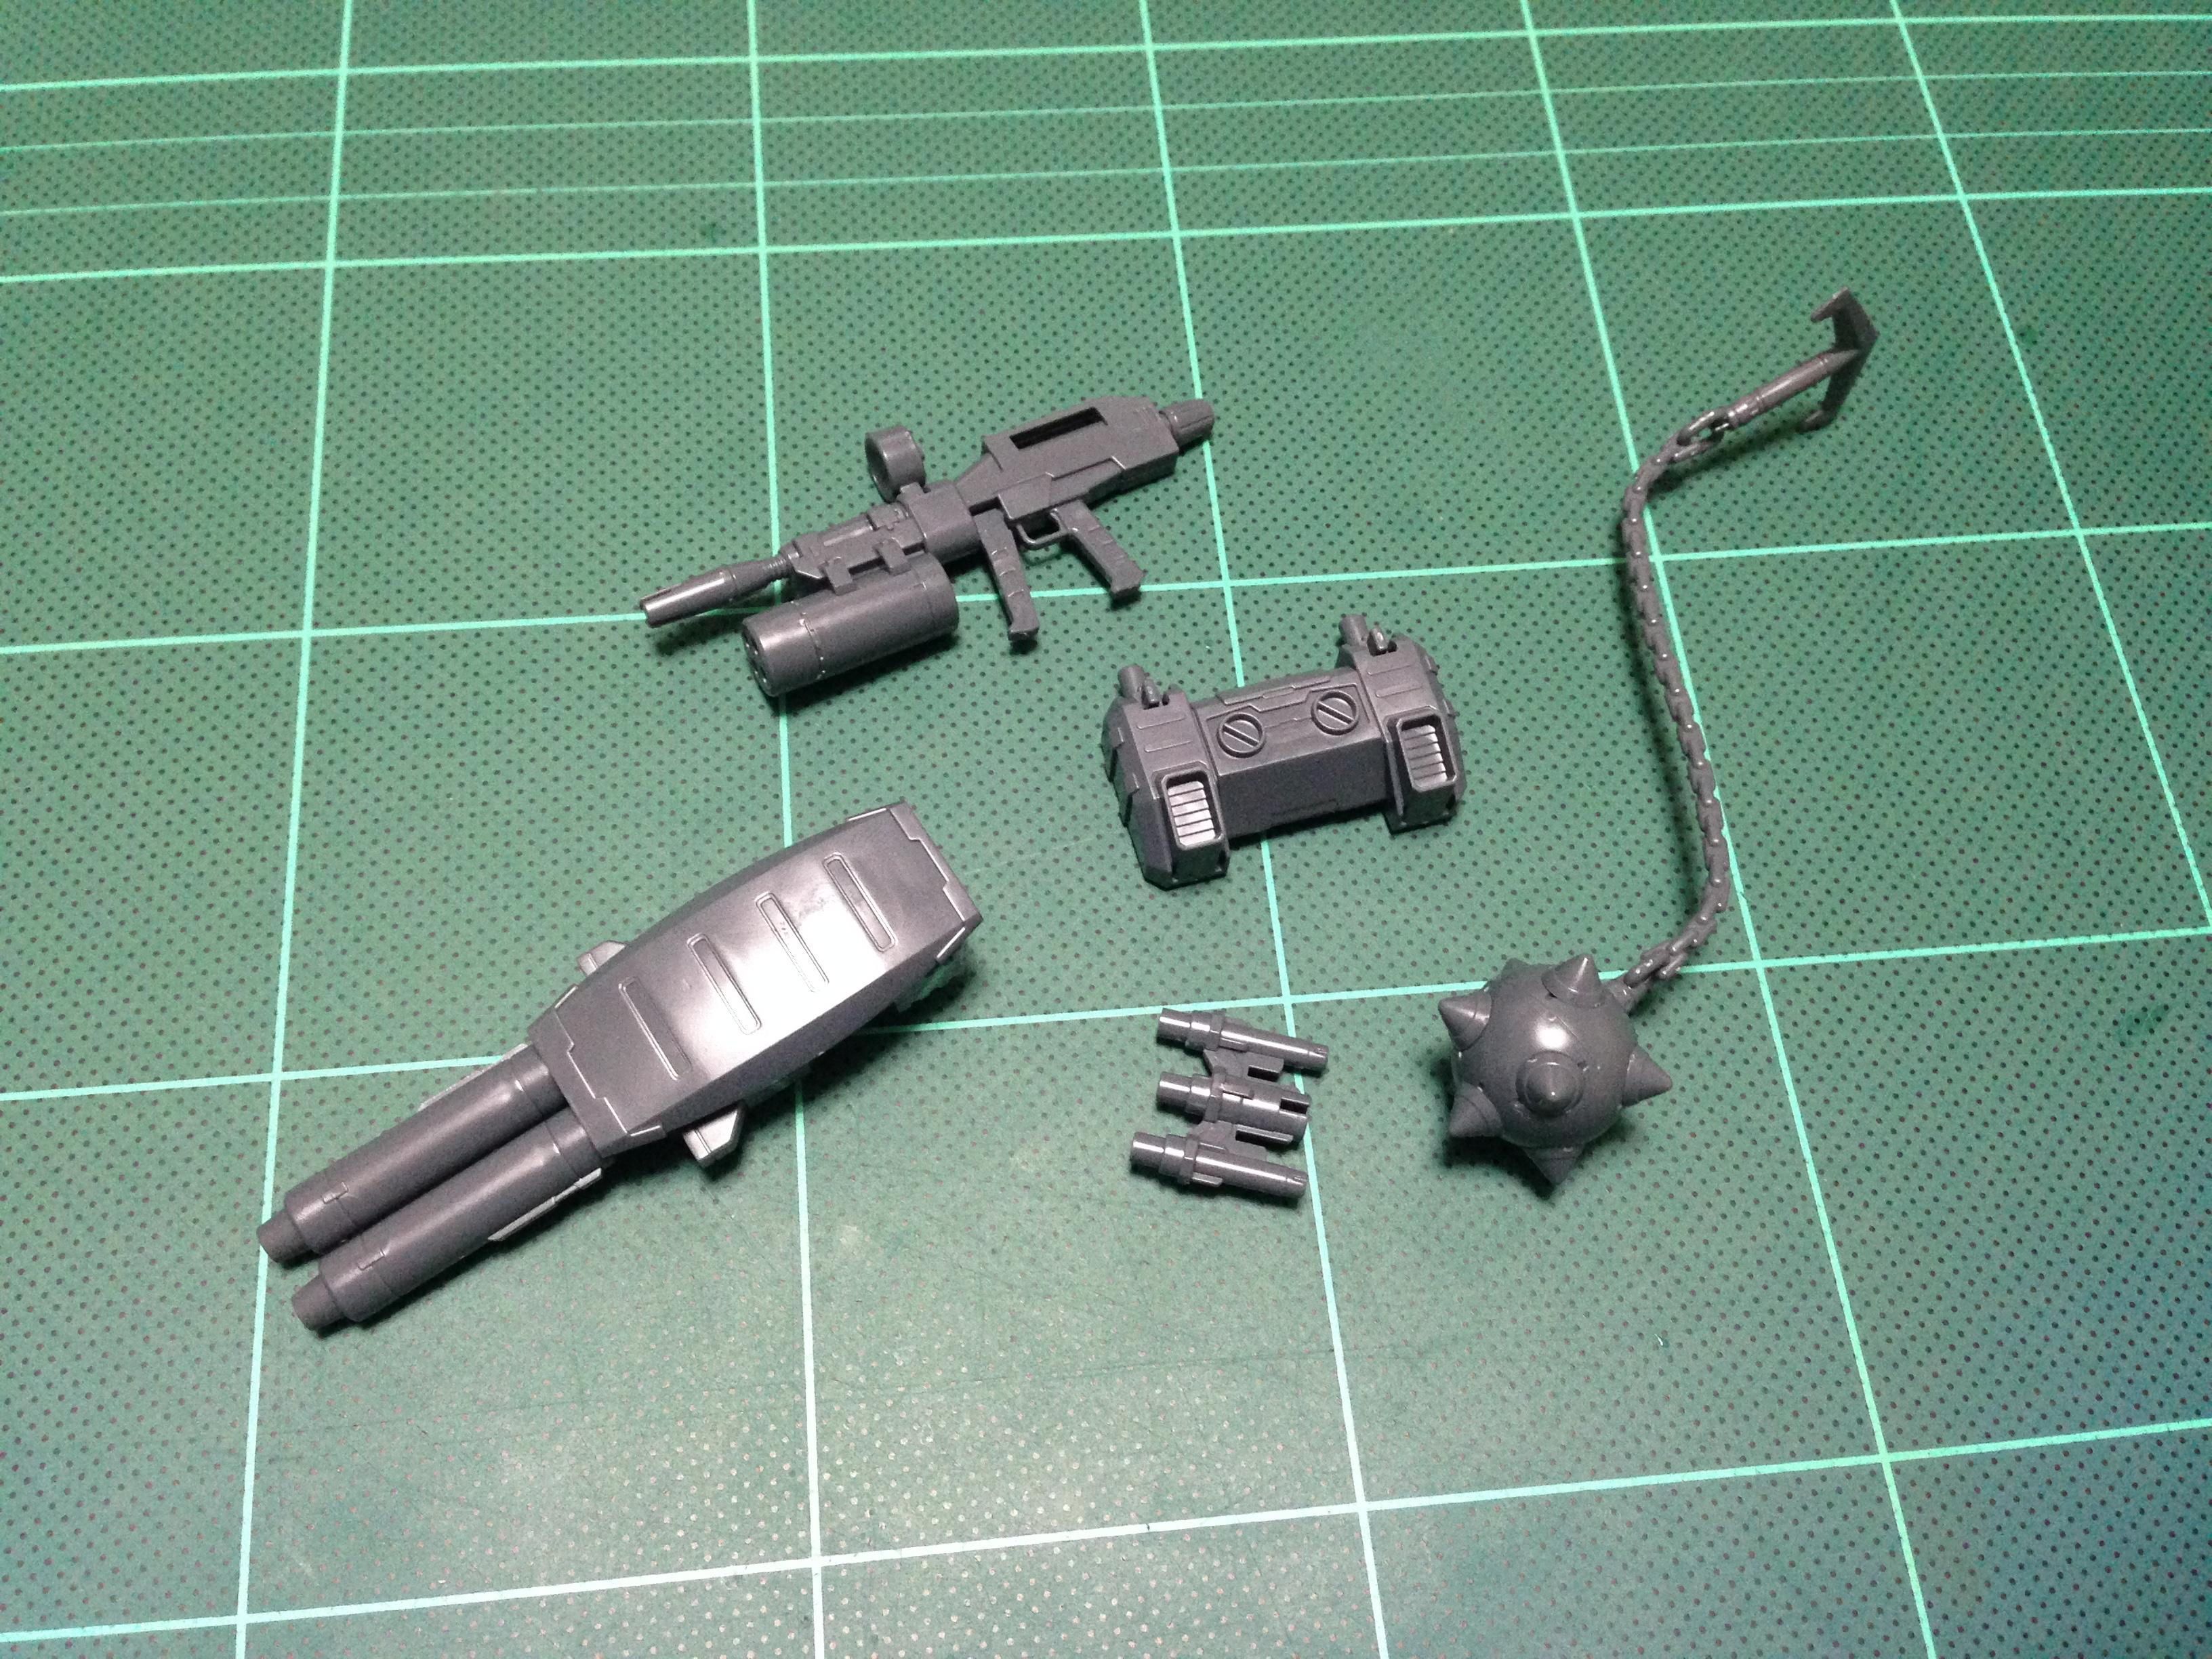 HGUC 1/144 RX-78-2 ガンダム対応武器セットB ガンダムハンマー